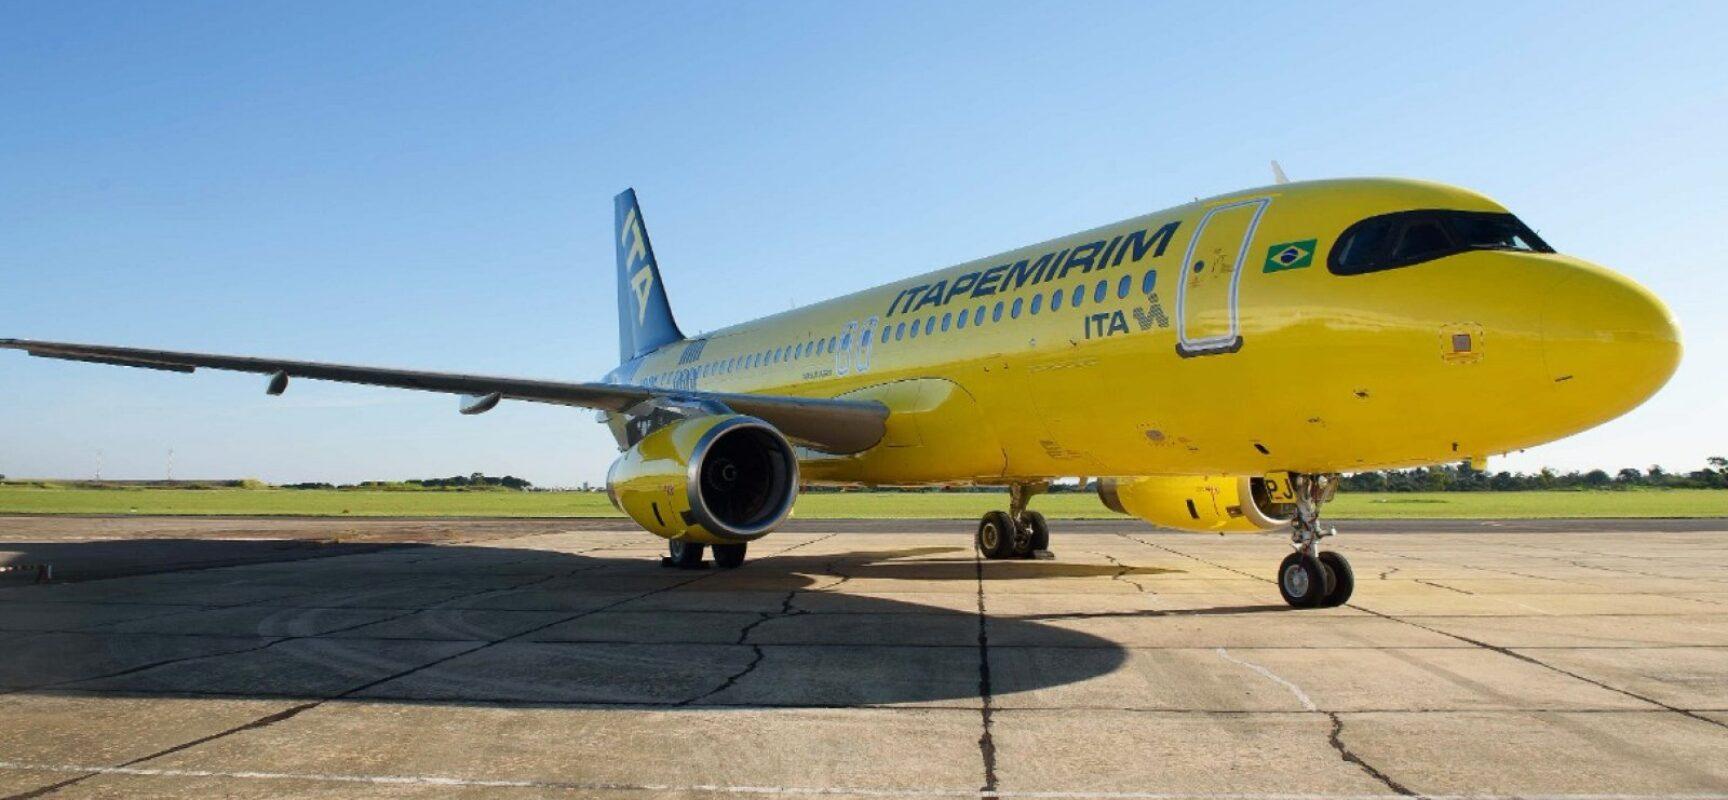 Salvador começa a receber voos de nova companhia aérea a partir de 30 de junho